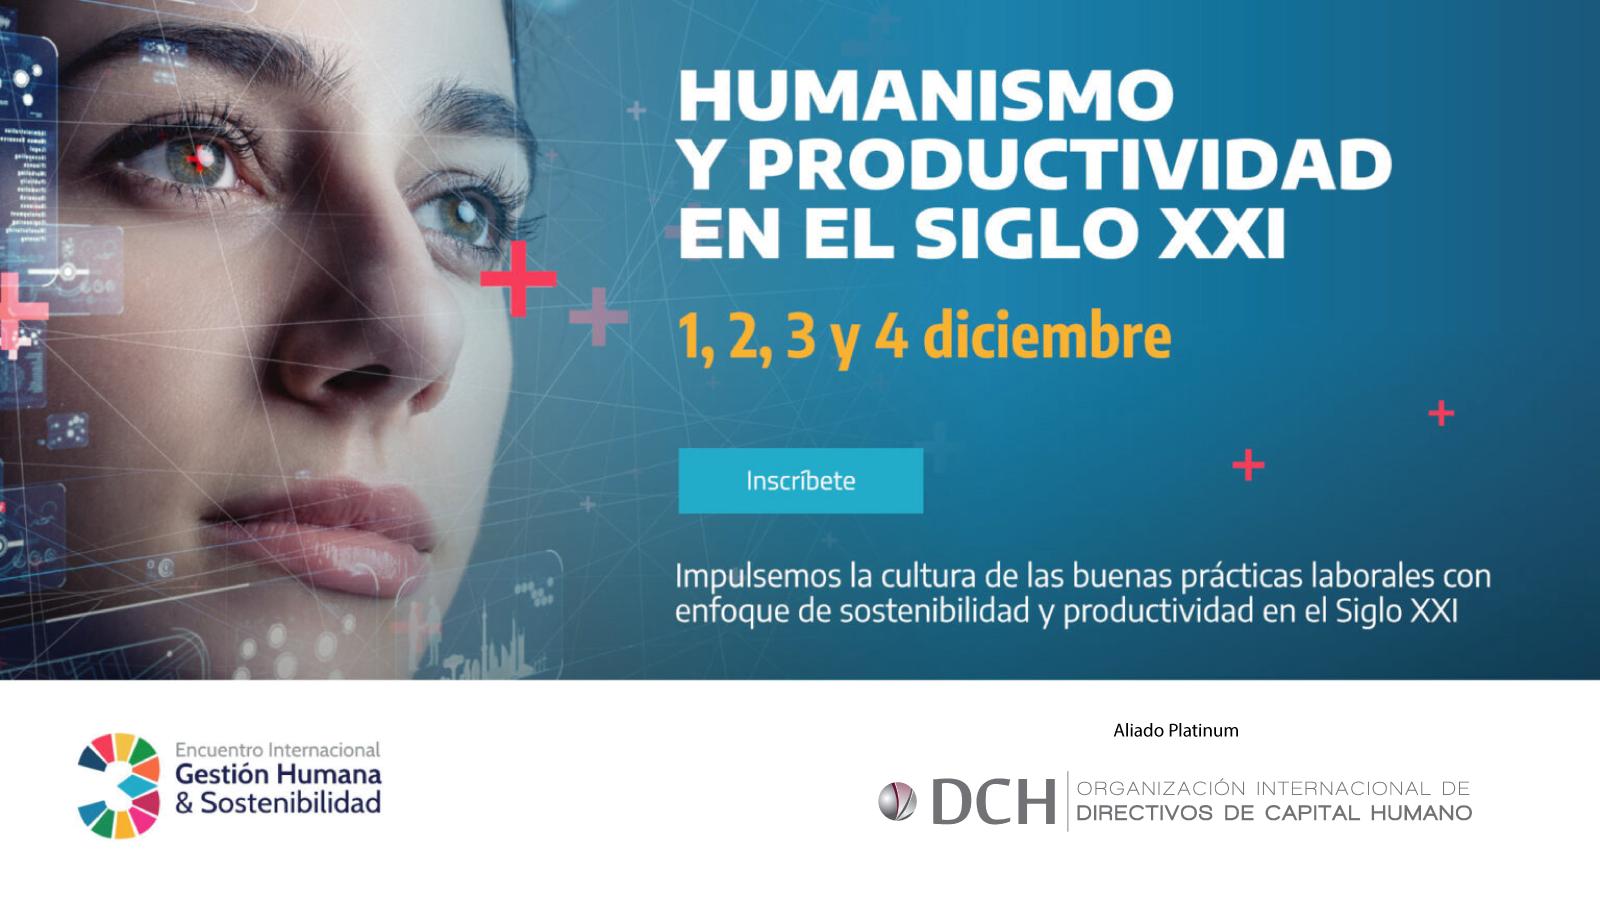 Humanismo y Productividad